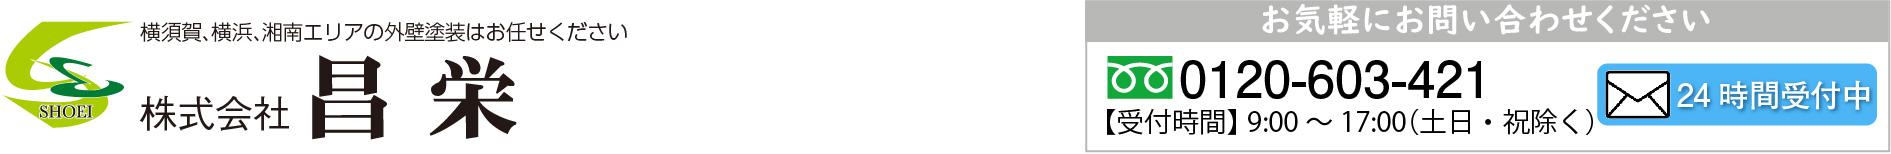 横須賀の外壁塗装・屋根塗装の専門店 株式会社昌栄です!